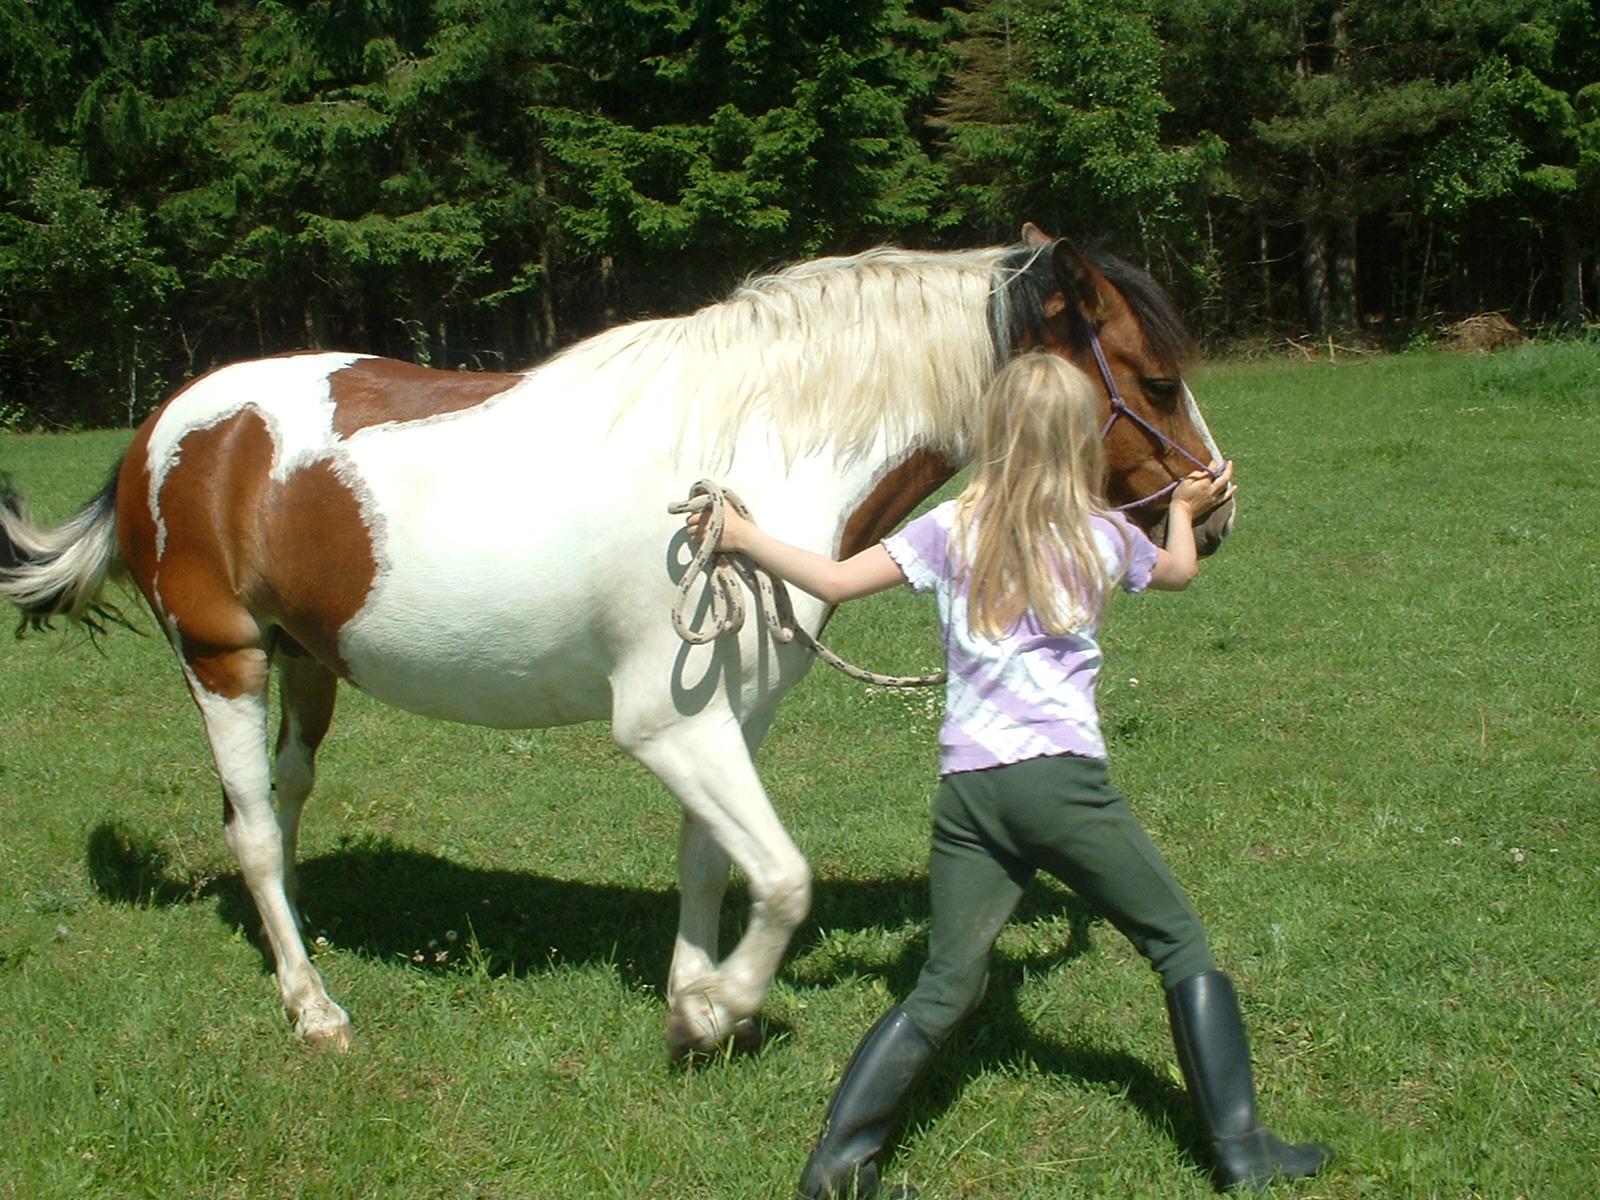 Porcupine game - natural horsemanship